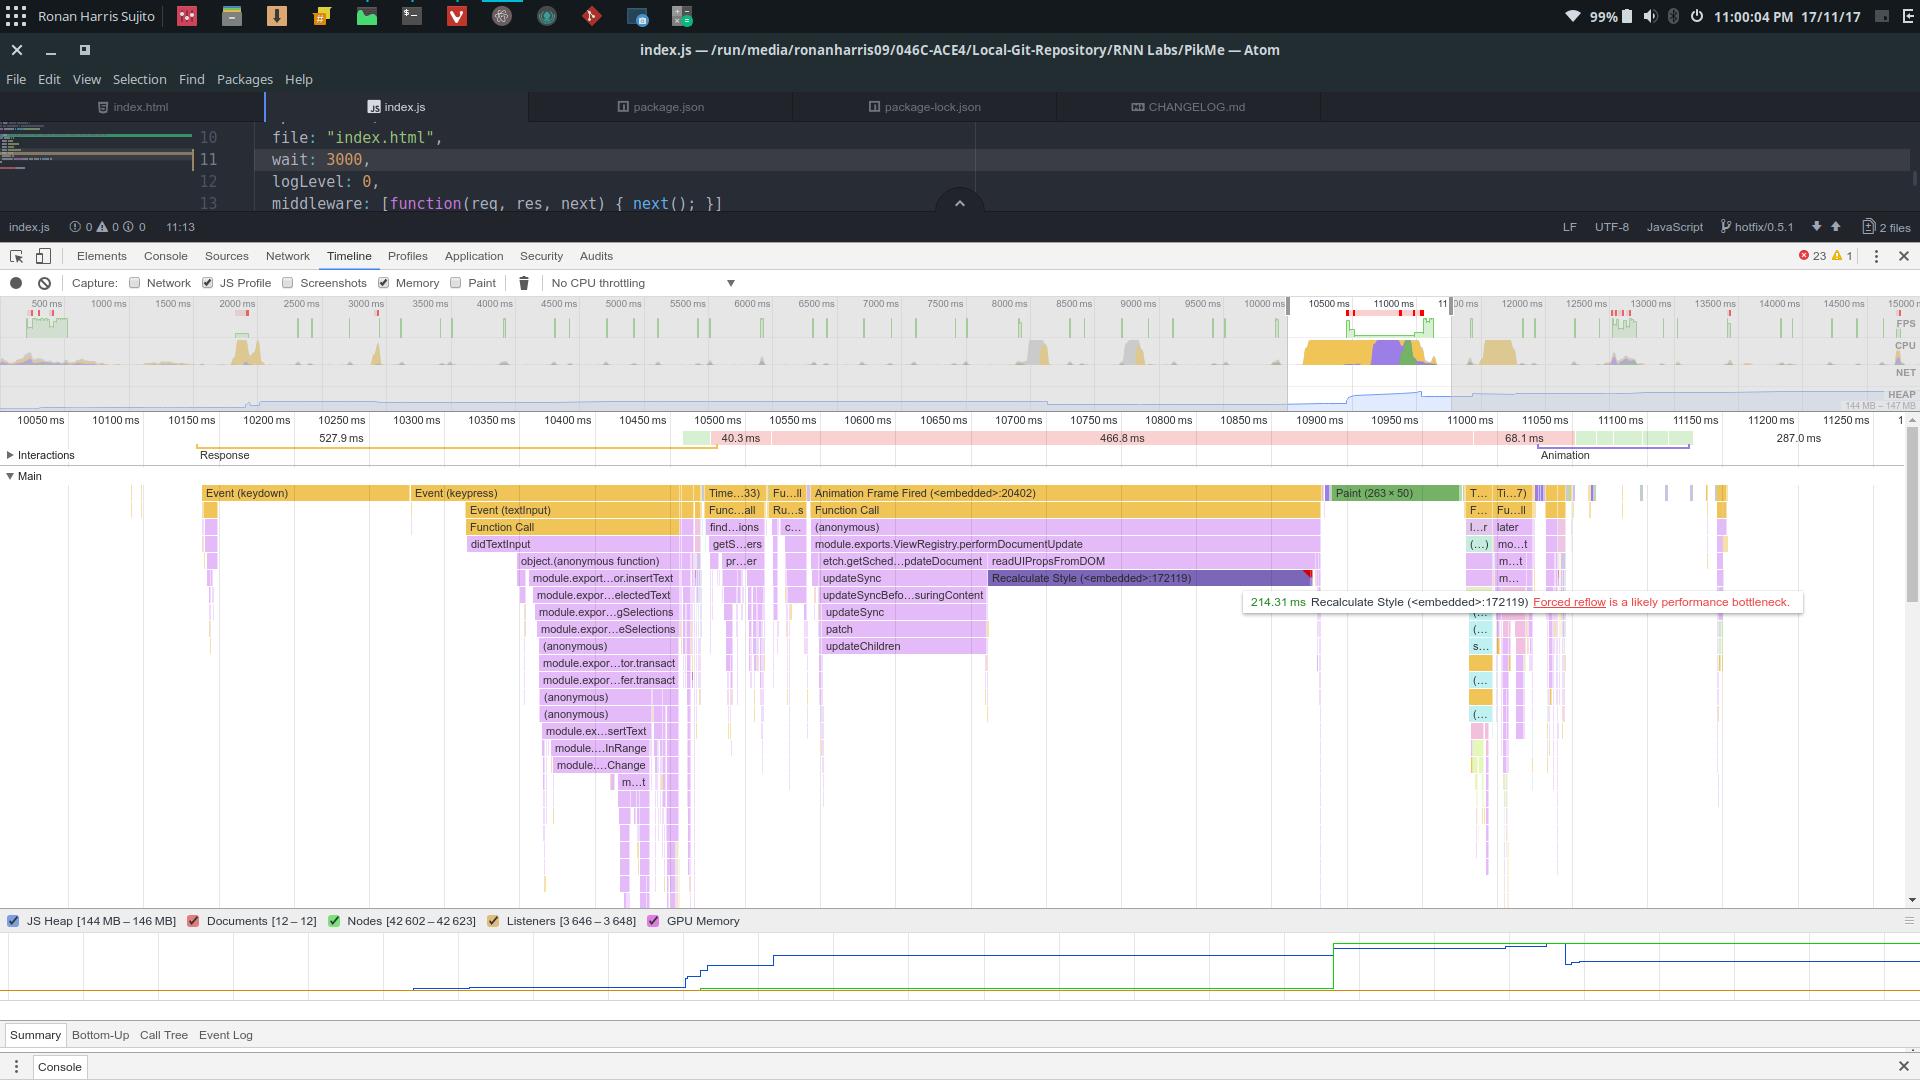 screenshot from 2017-11-17 23-00-05